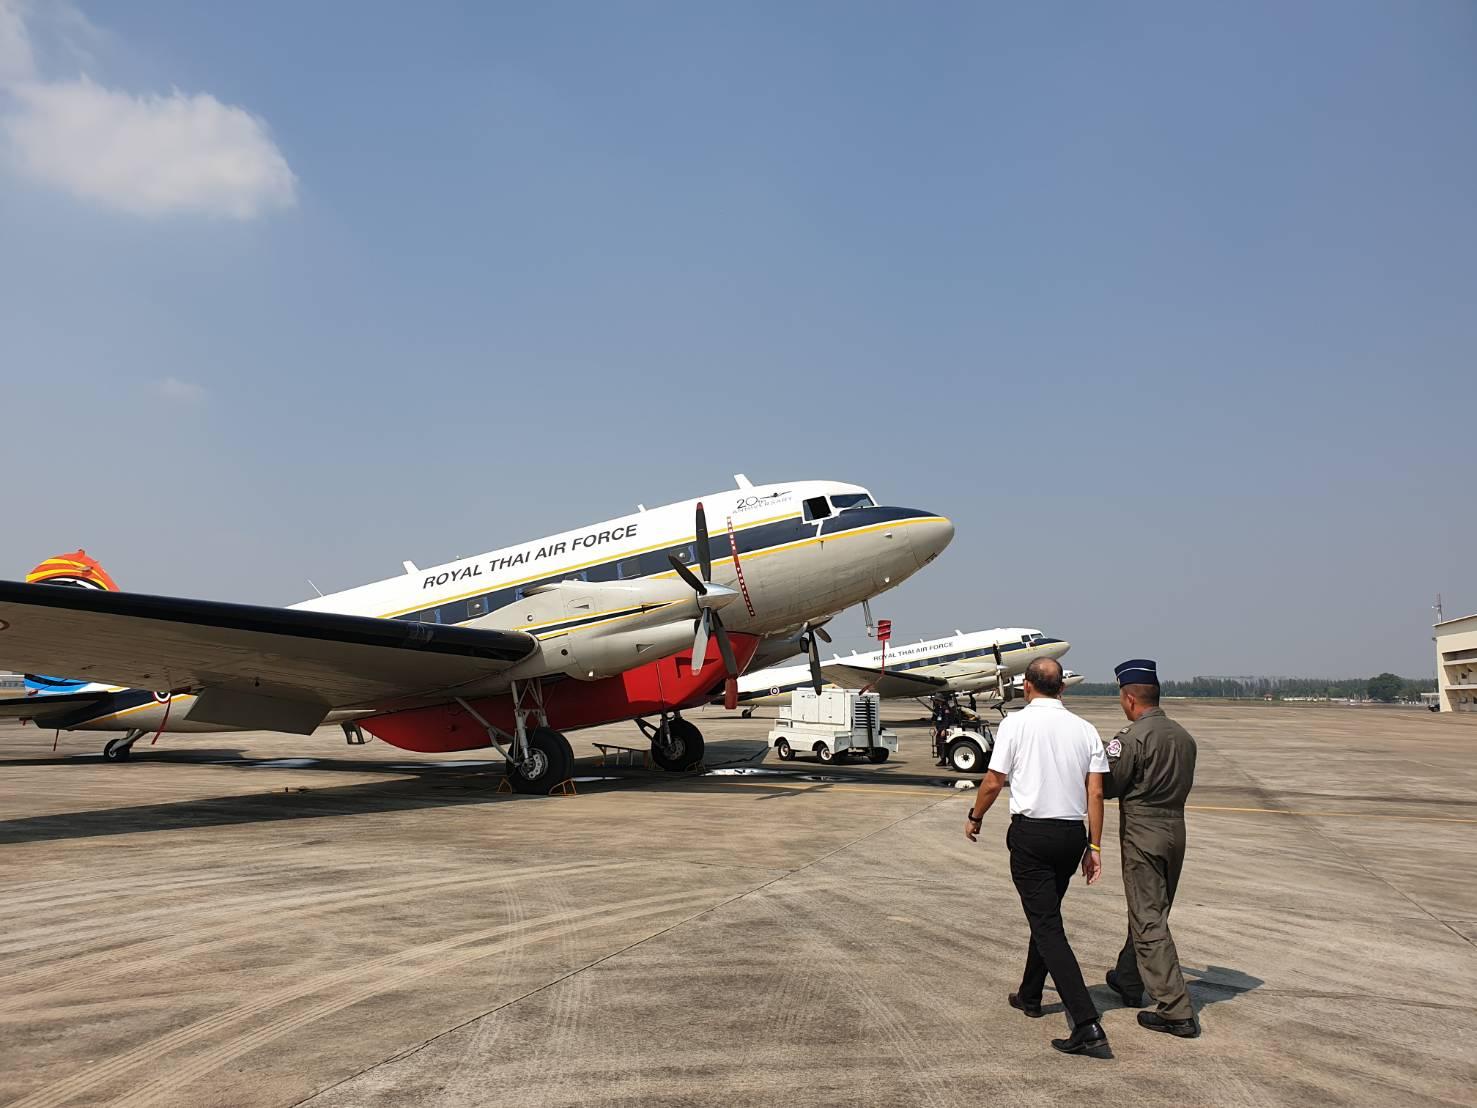 ทัพฟ้าจัดเครื่องบินบรรทุกน้ำ 3,000 ลิตร ฉีดพ่นจับฝุ่นเหนือเขตบางเขต-วังทองหลาง รับมืออากาศปิด